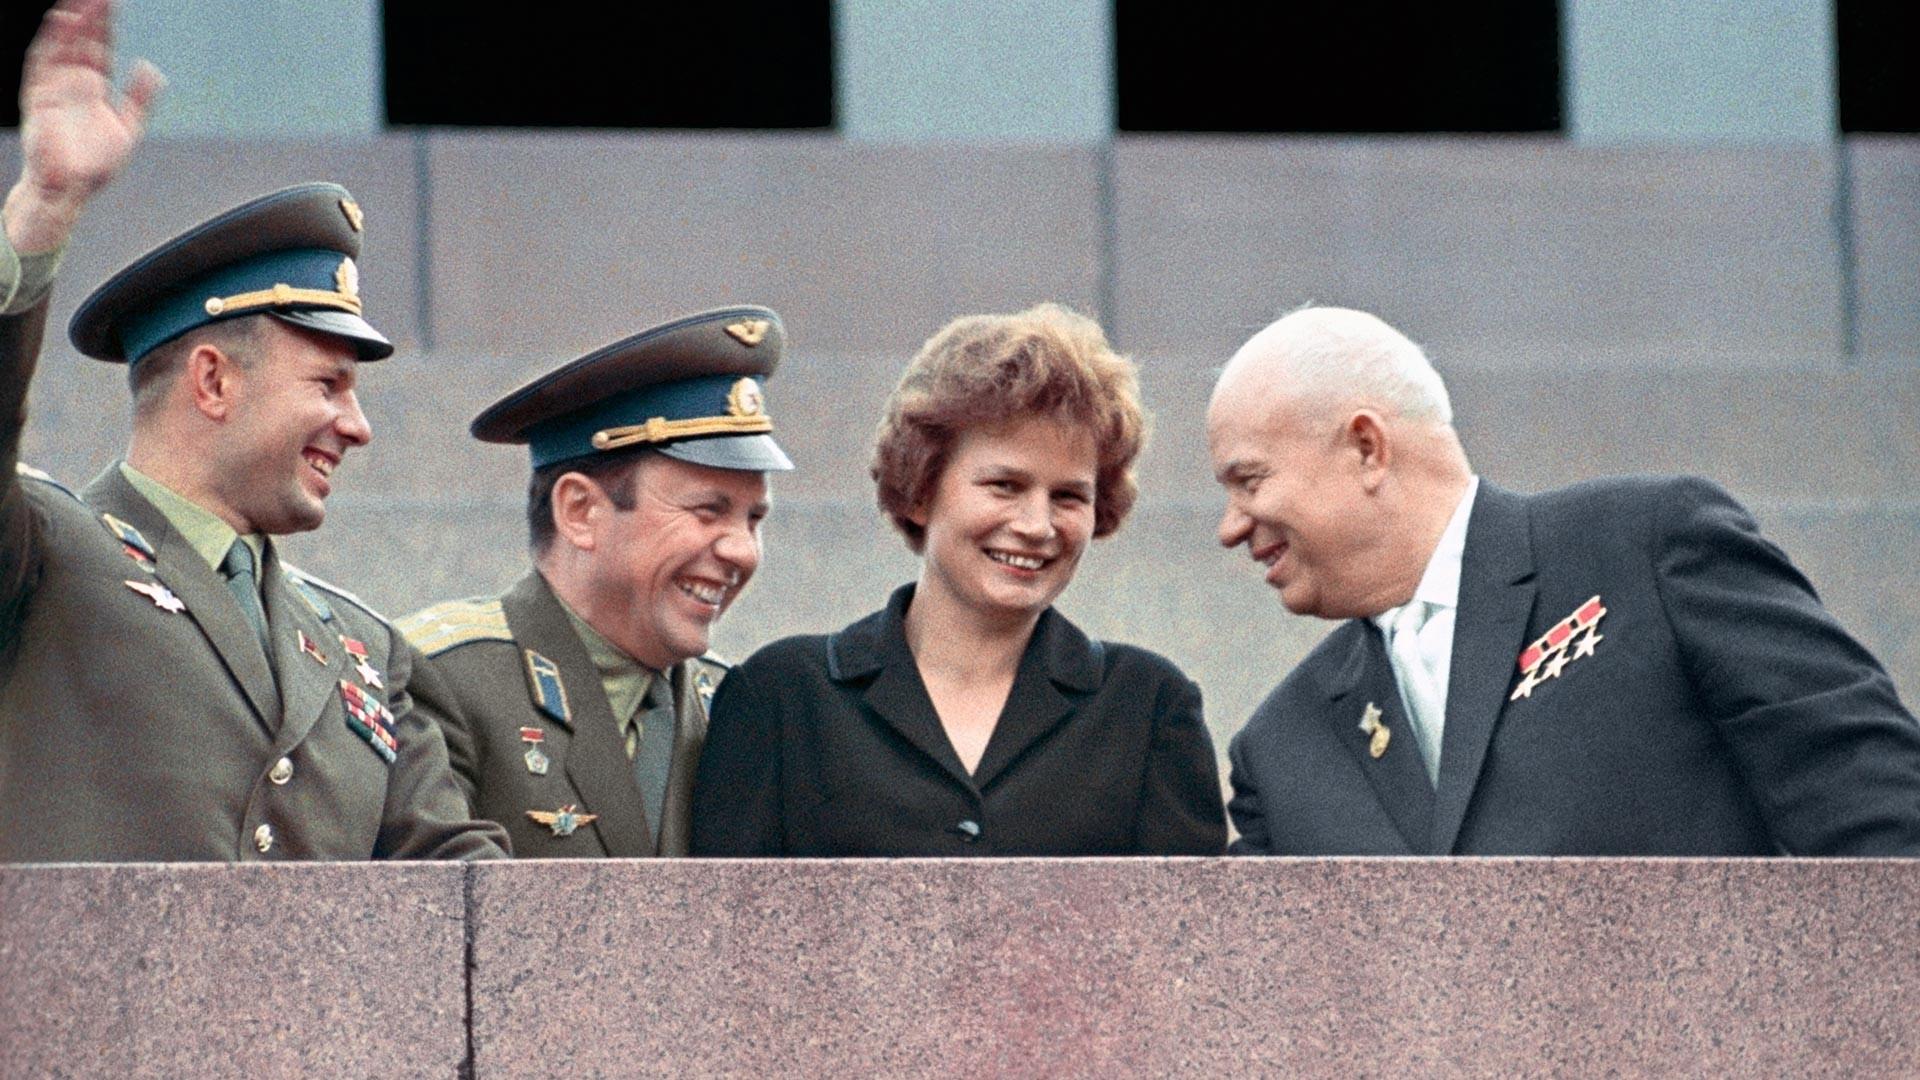 Prvi sekretar Centralnog komiteta Komunističke partije Sovjetskog Saveza Nikita Hruščov i kozmonauti Valentina Tereškova, Pavel Popovič i Jurij Gagarin (zdesna nalijevo).